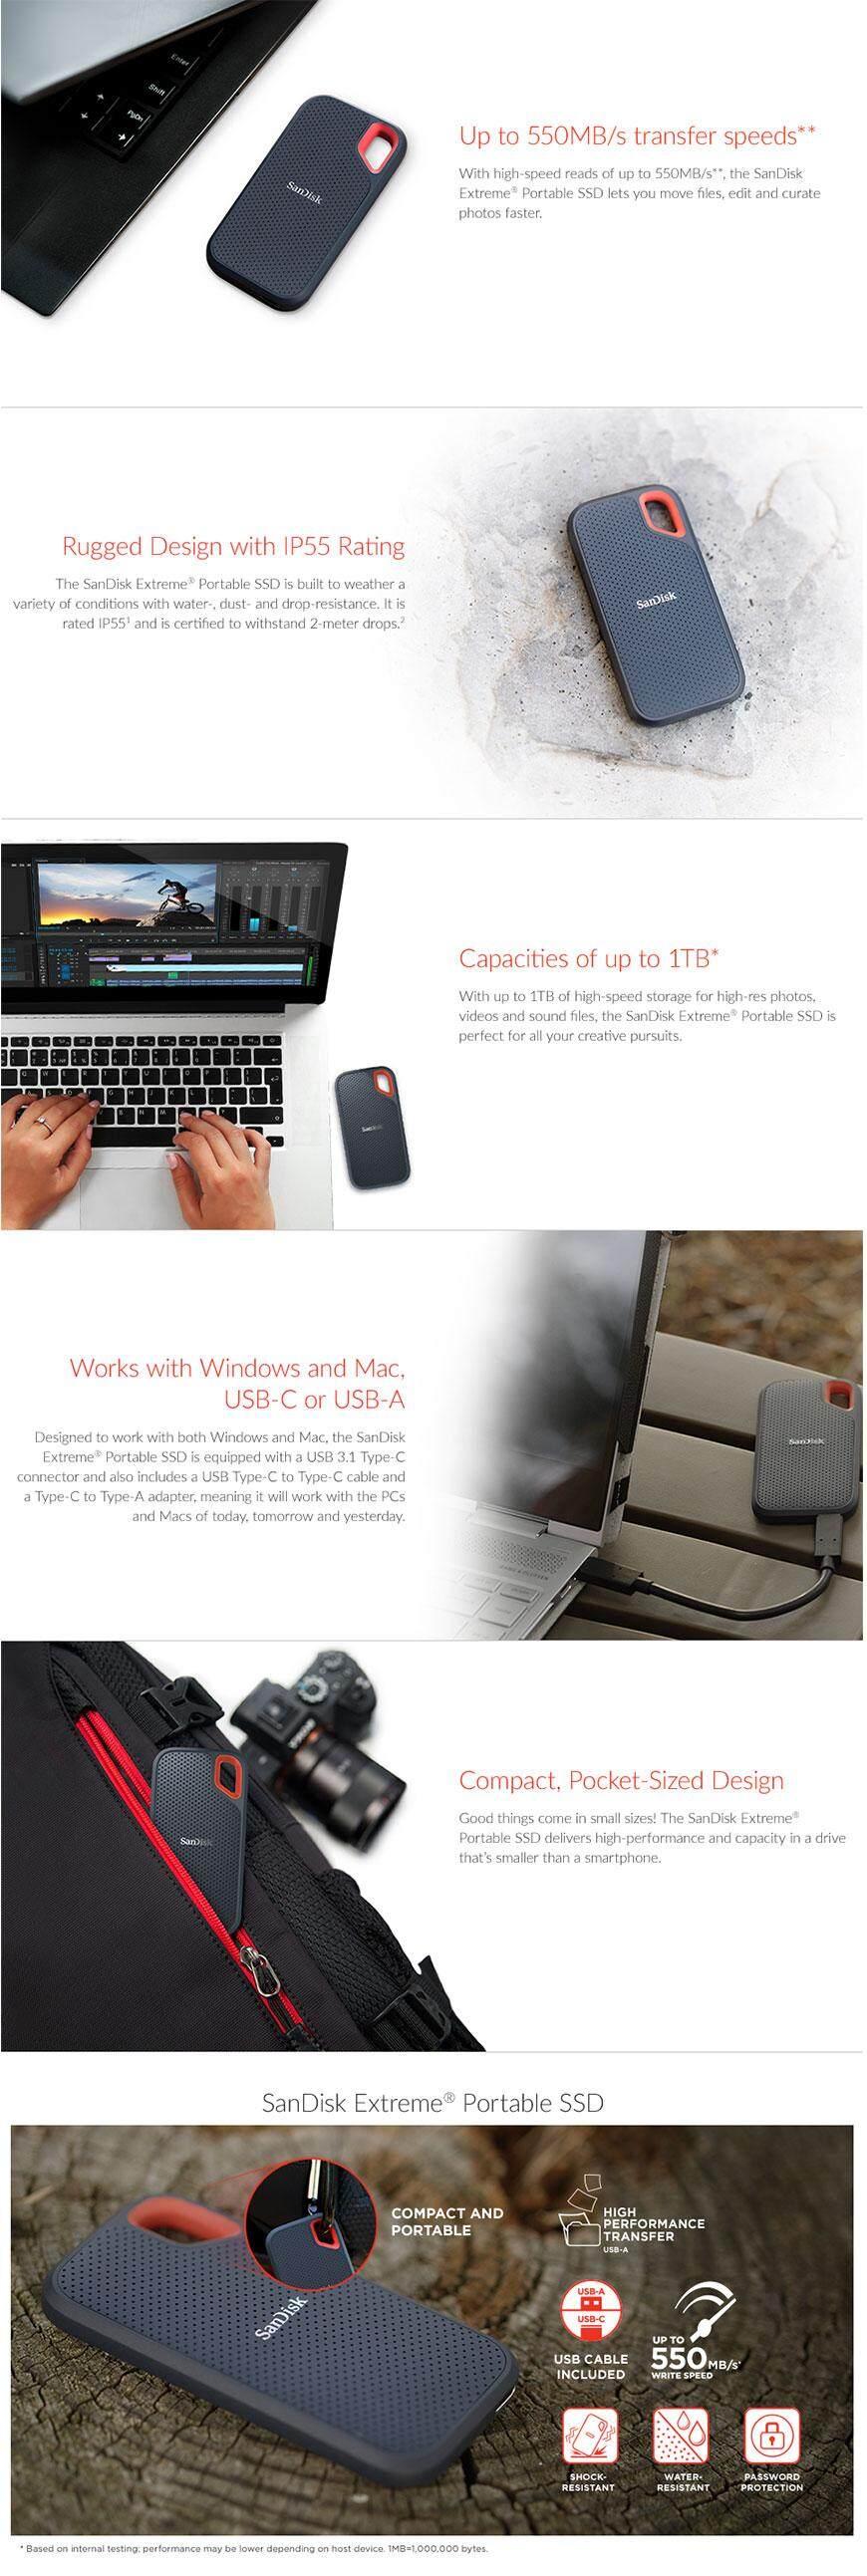 sdssde60-sandisk-extreme-portable-ssd-desc.jpg